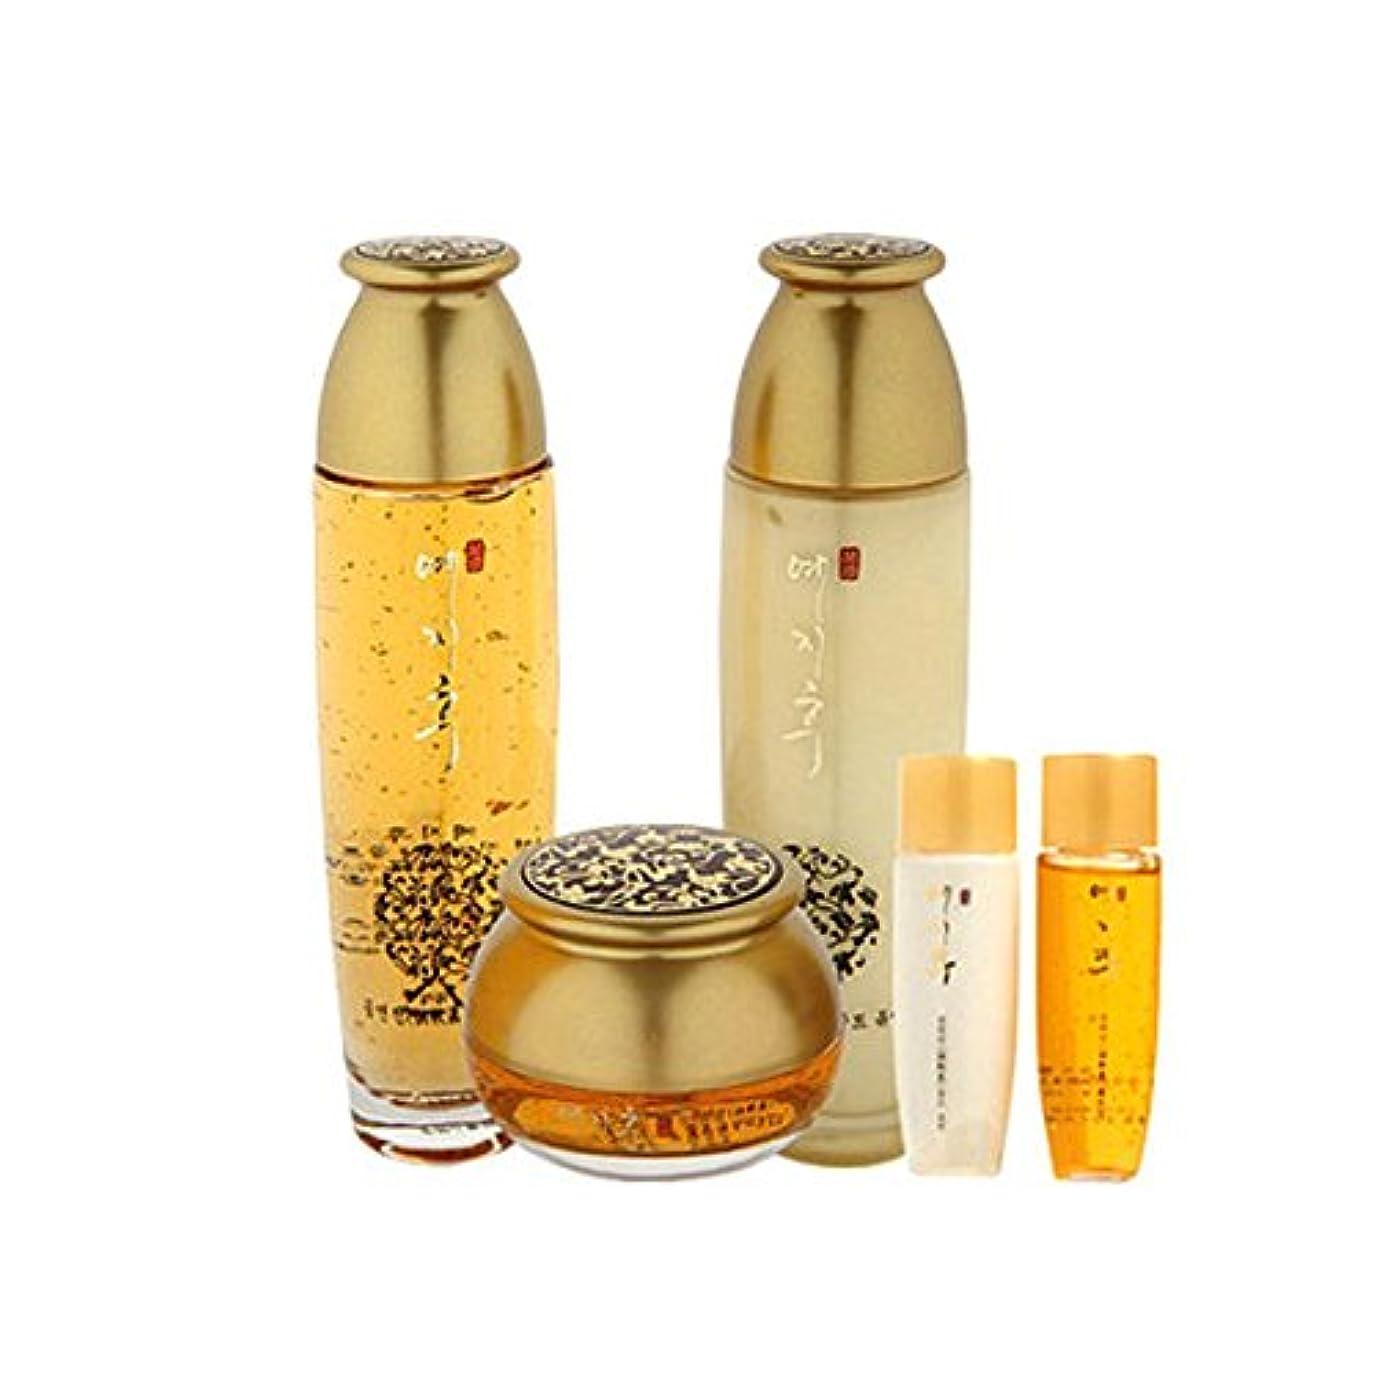 お嬢憤る冒険家[韓国コスメYEZIHU]99.9% Pure Gold Skin Care Set 99.9%ピュアゴールド漢方スキンケア3セット樹液/乳液/クリーム [並行輸入品]